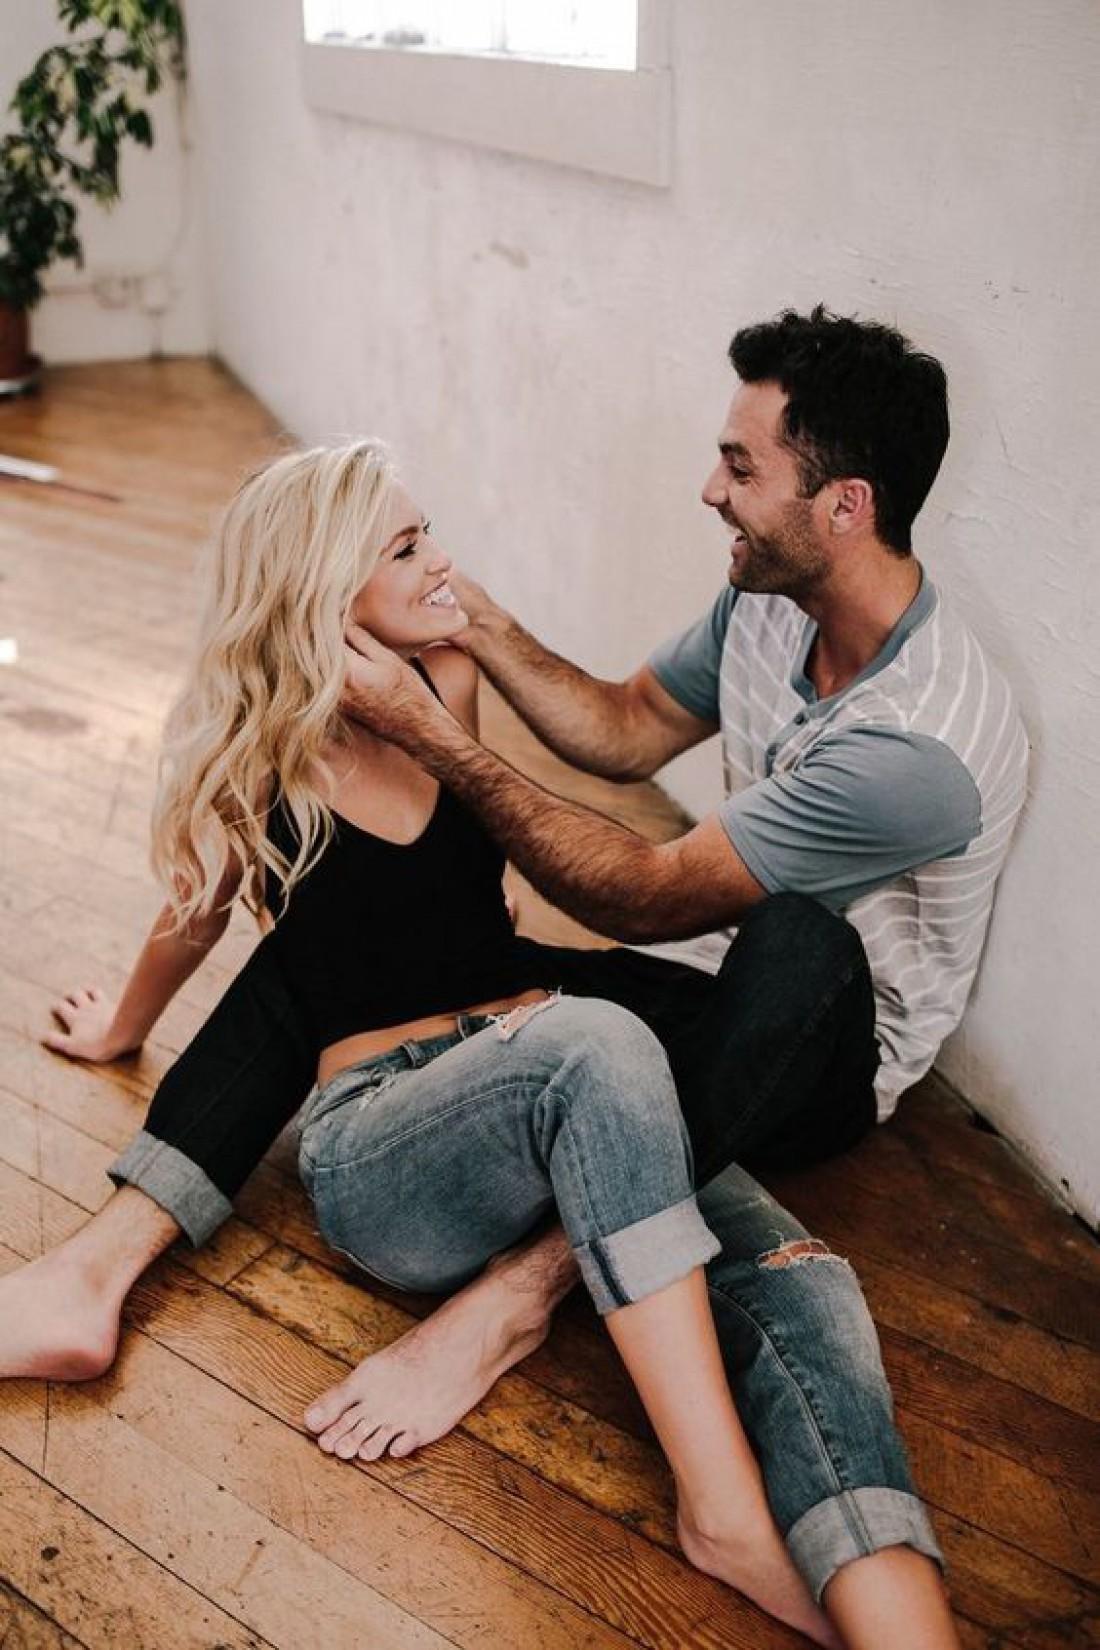 40 вопросов о сексе, которые стоит задать своему партнеру